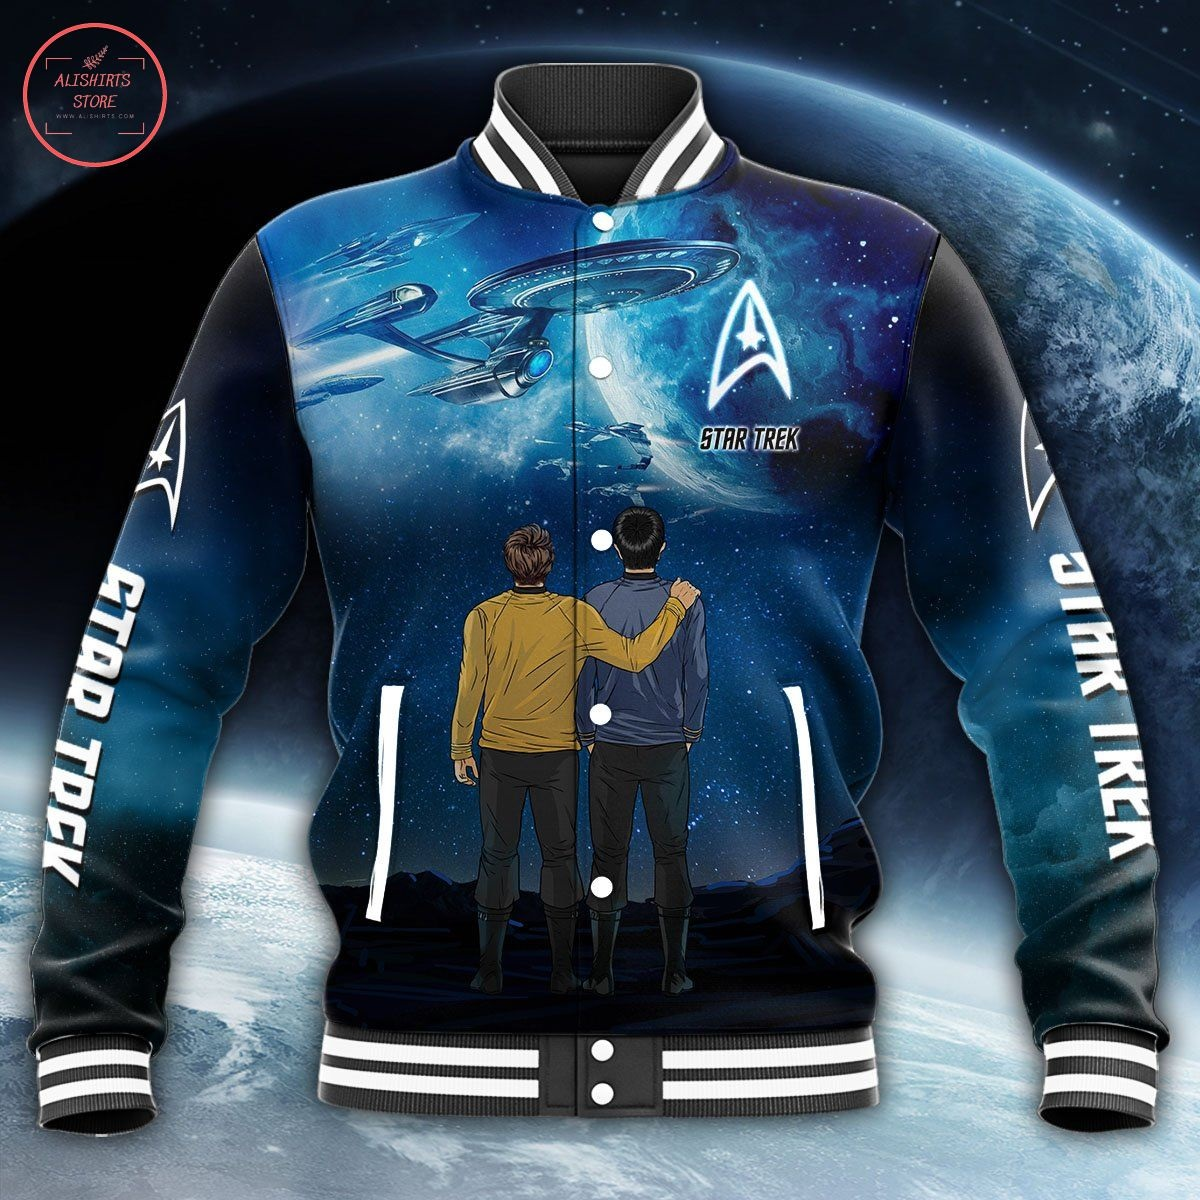 Star Trek All Over Print Letterman Jacket